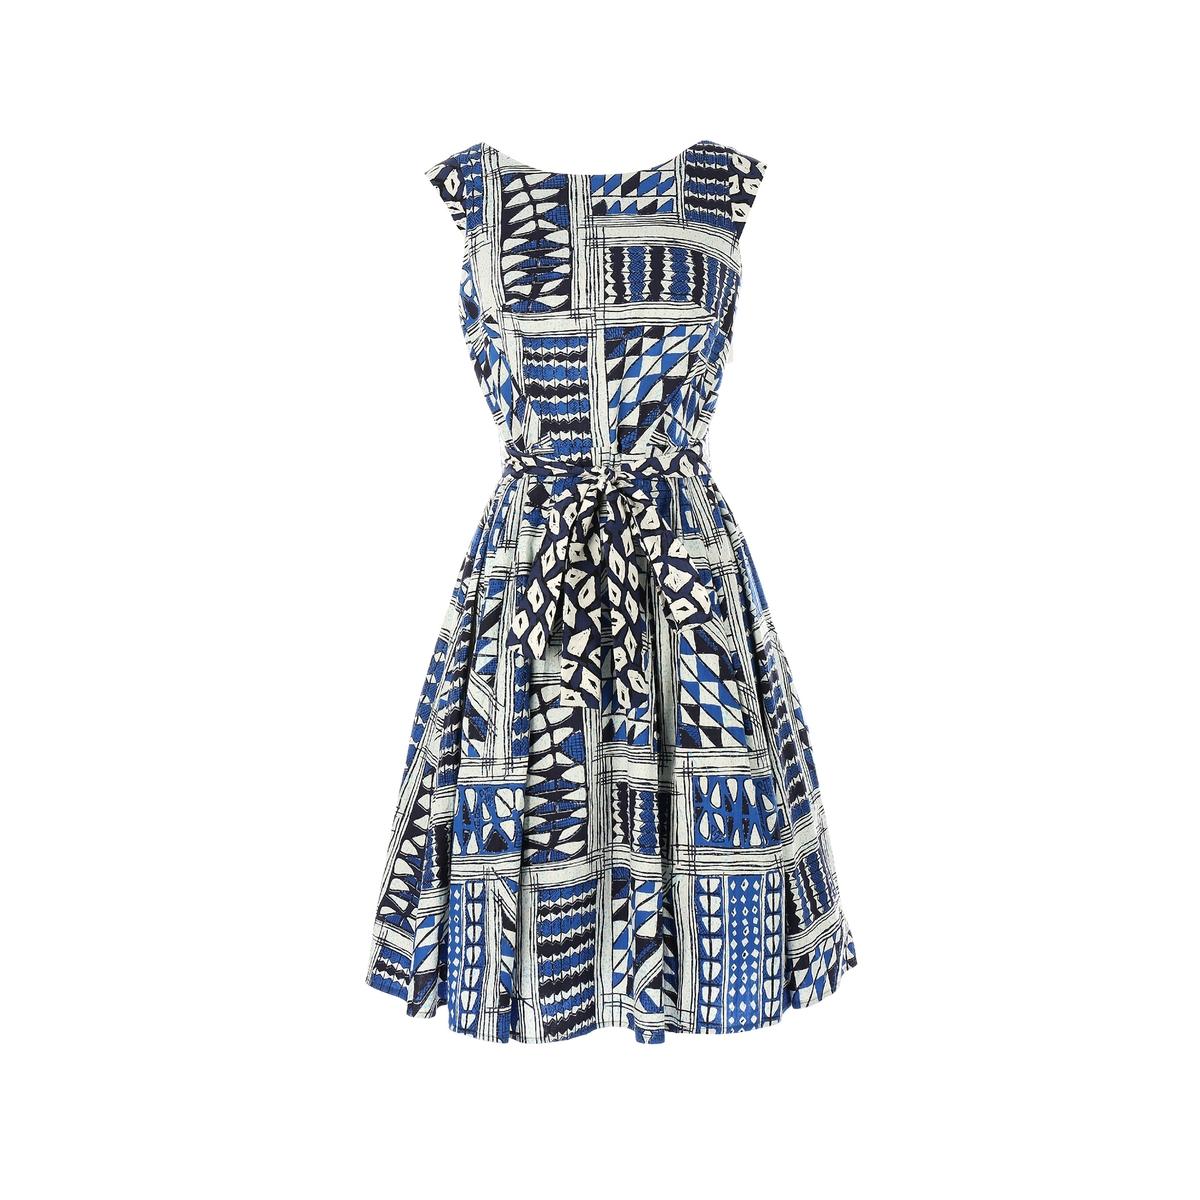 Платье расклешенное с рисункомМатериал : 100% вискоза  Длина рукава : короткие рукава  Форма воротника : без воротника Покрой платья : расклешенное платье Рисунок : графический   Длина платья : короткое<br><br>Цвет: наб. рисунок синий<br>Размер: S